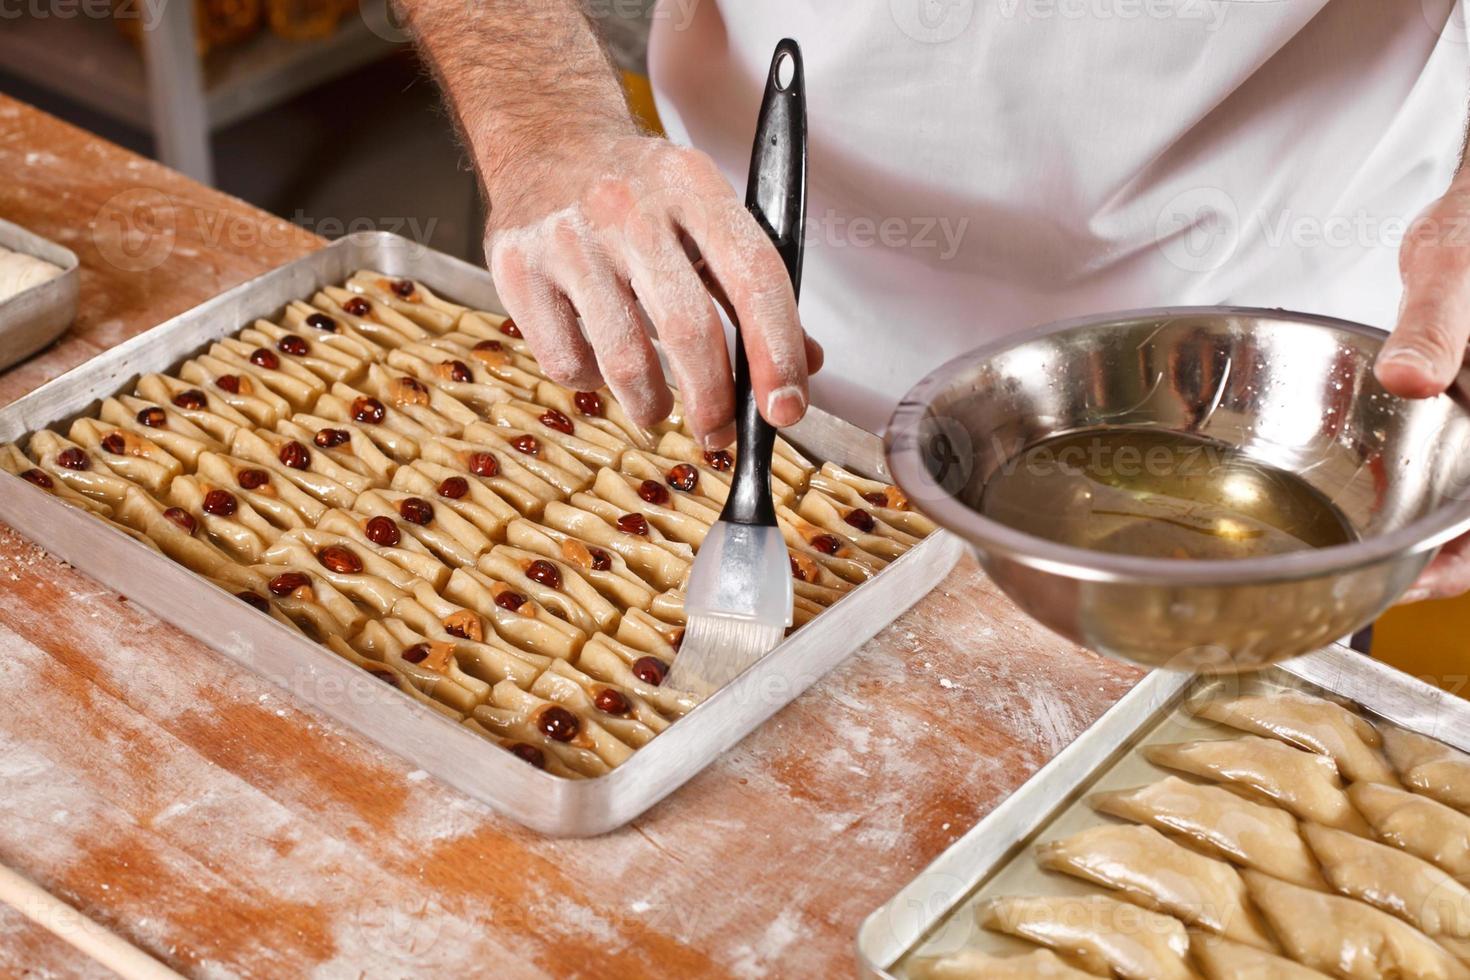 preparación de baklava de dulces turcos e irán foto